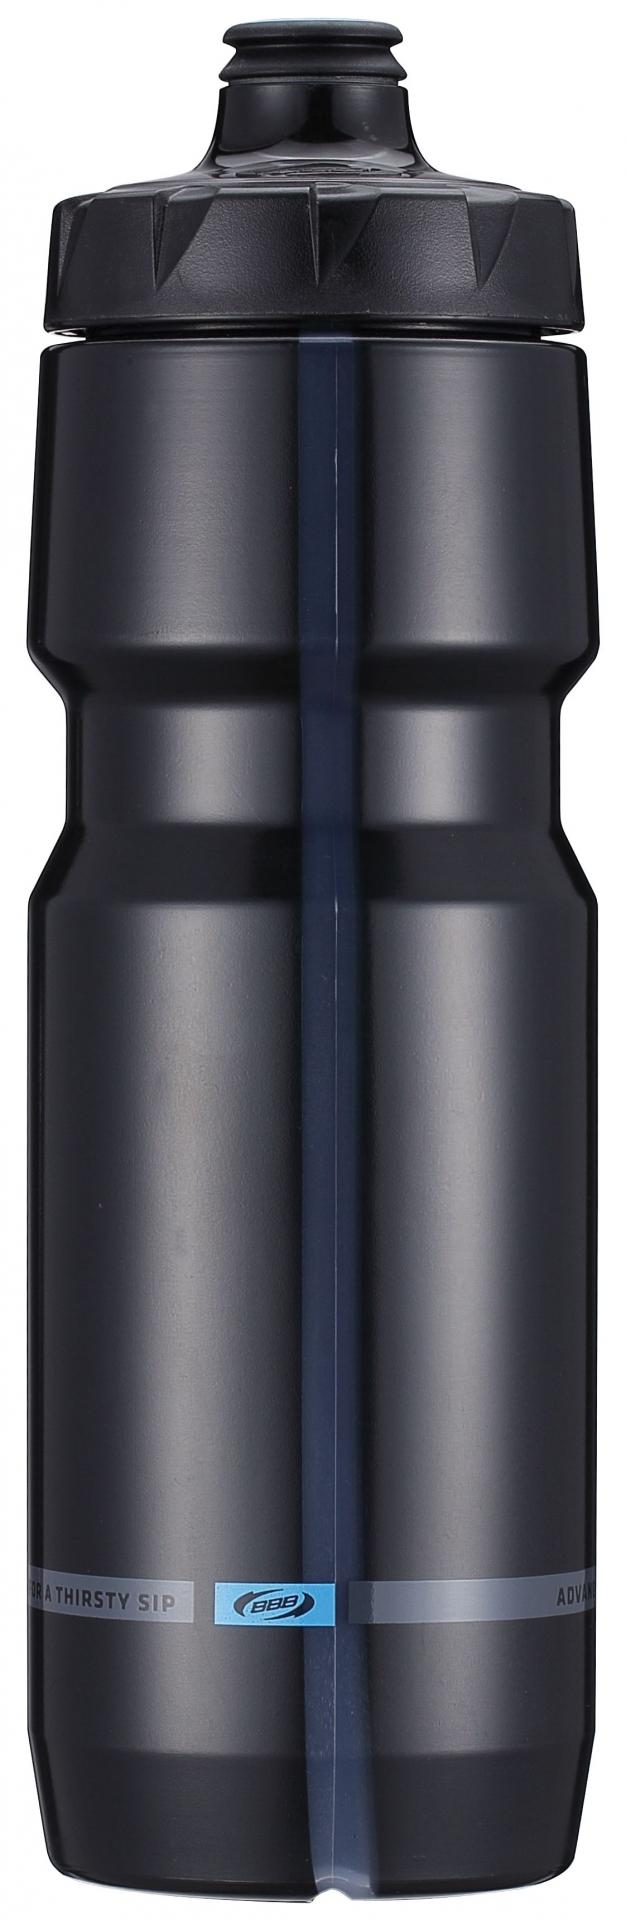 Bidon BBB AutoTank XL Valve Autoclose 750 ml Noir - BWB-15